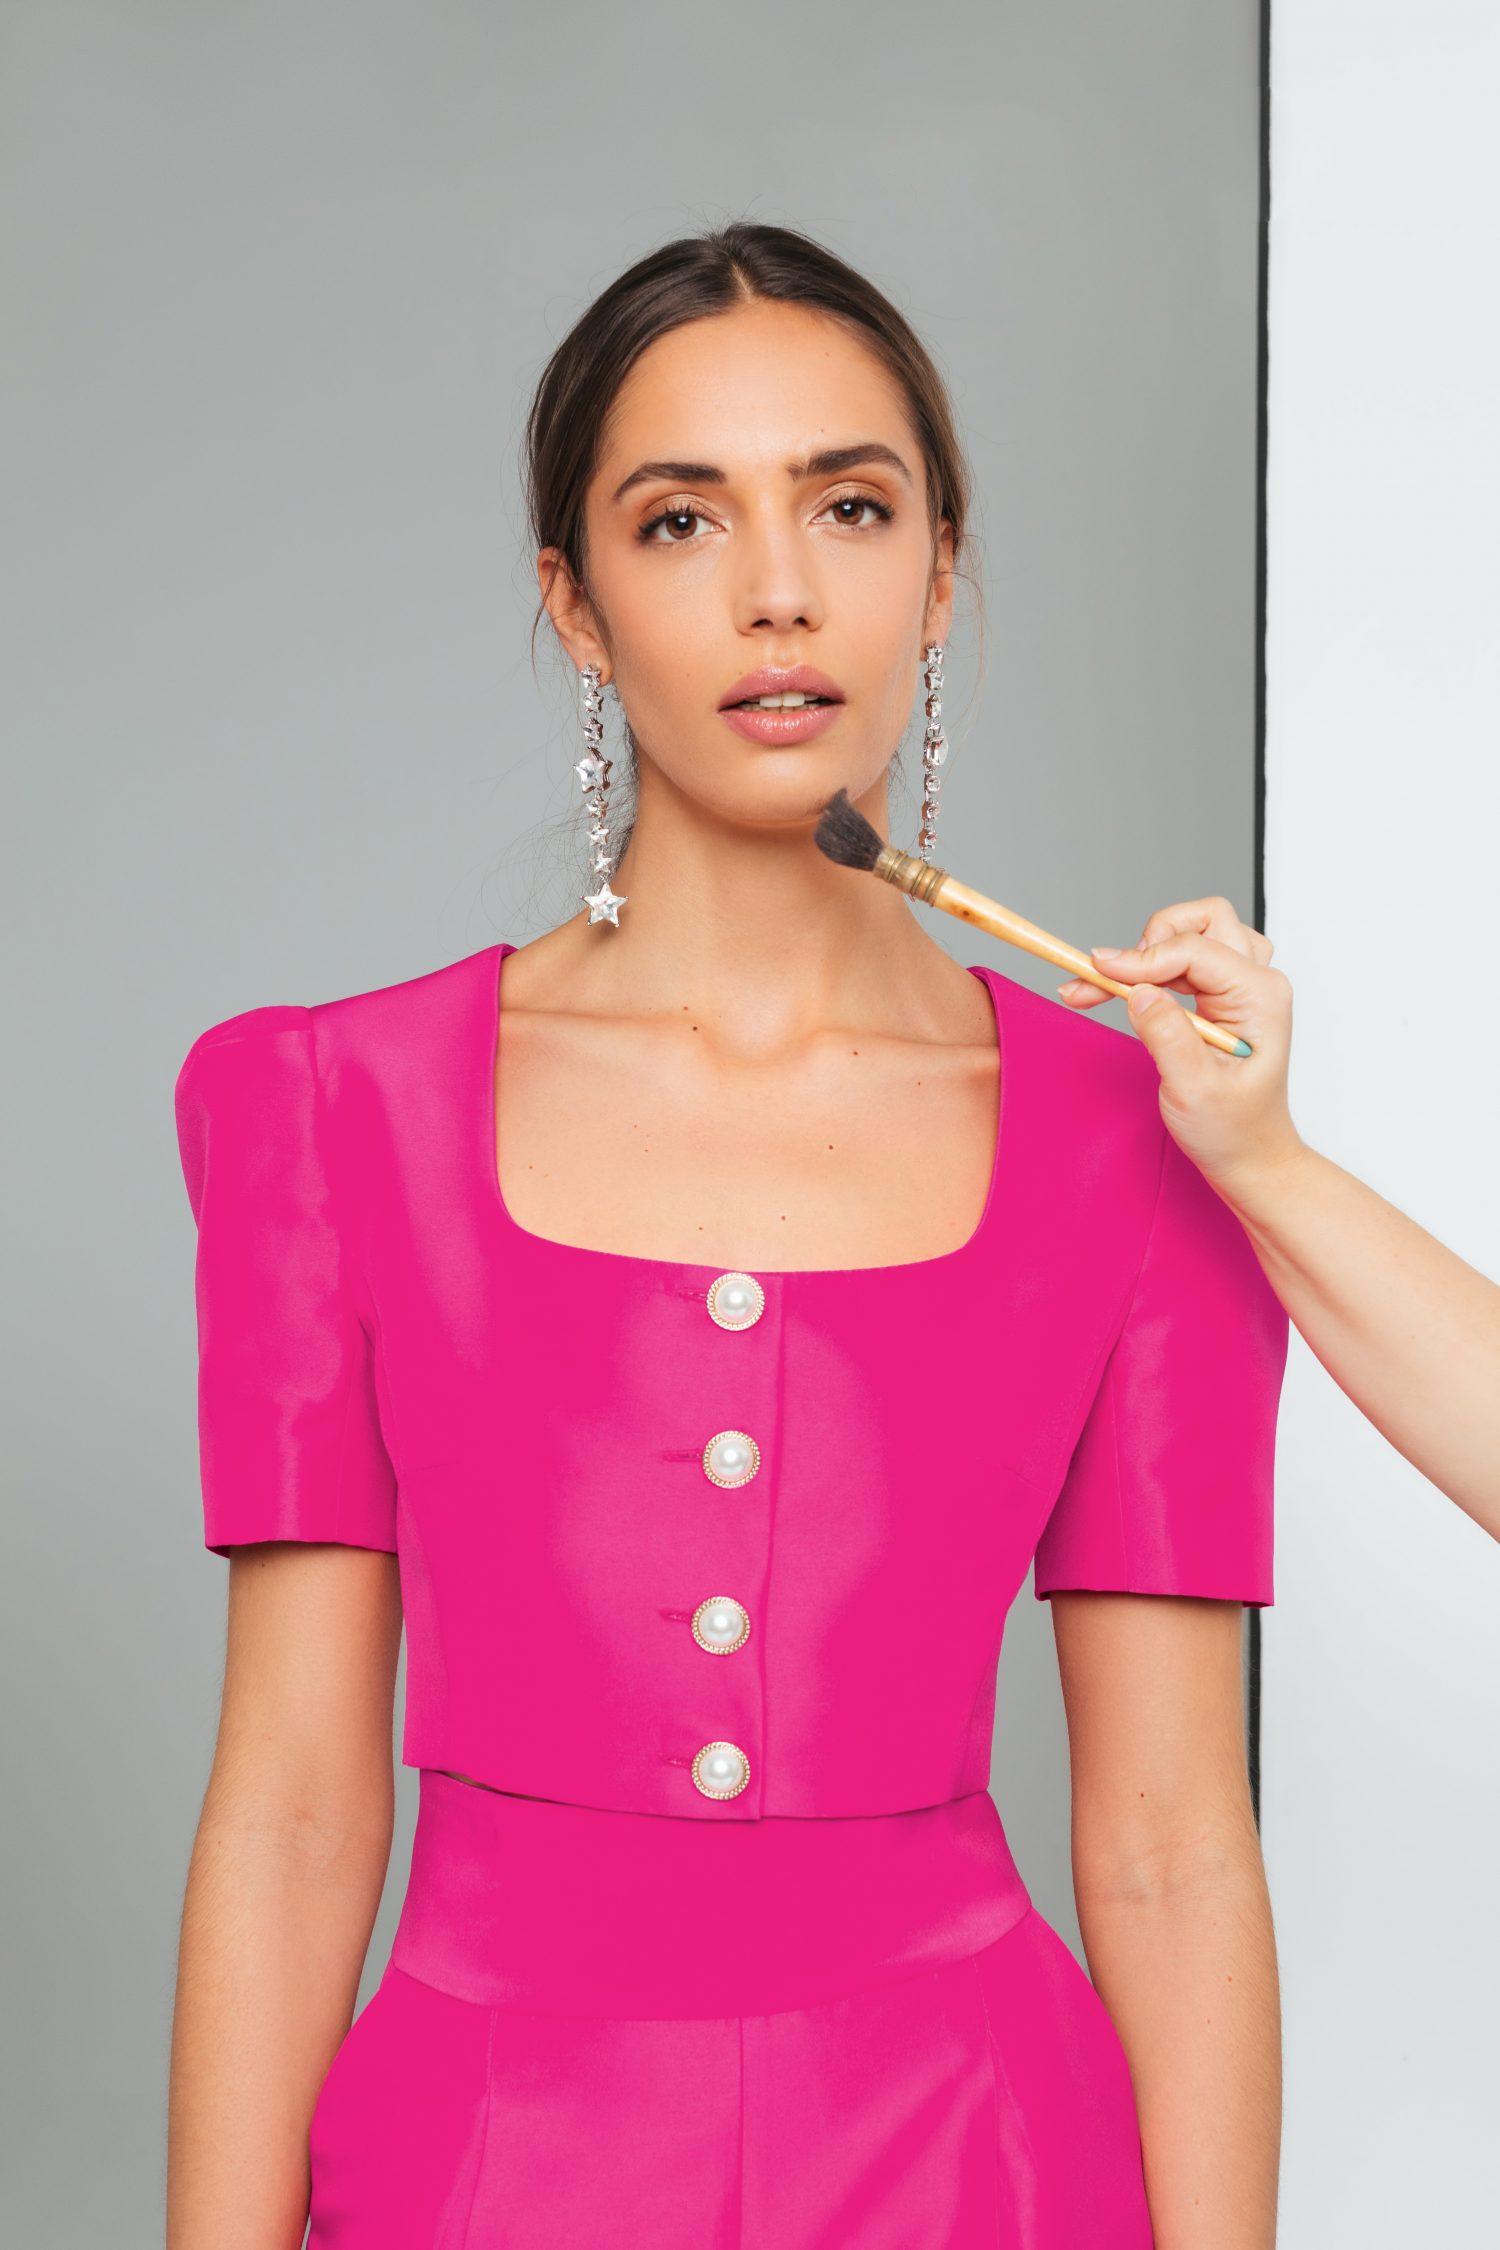 buttons-hot-pink-top-elsa-barreto